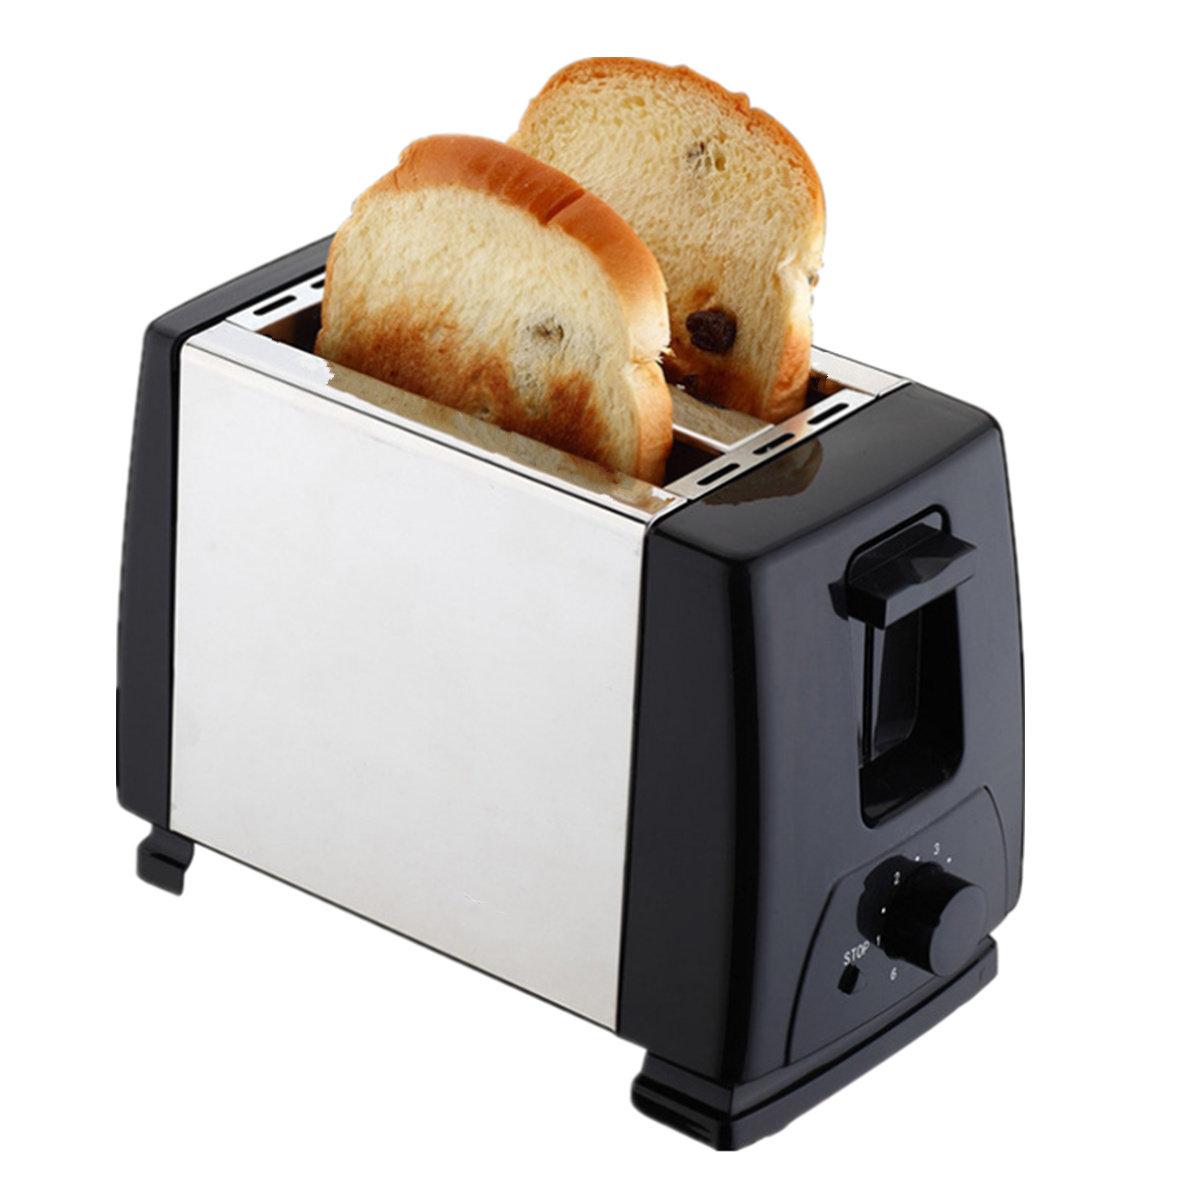 219da1790 MONDA Electric Automatic 2 Slice Bread Toaster Oven Toaster Sandwich Maker  Grill Machine COD